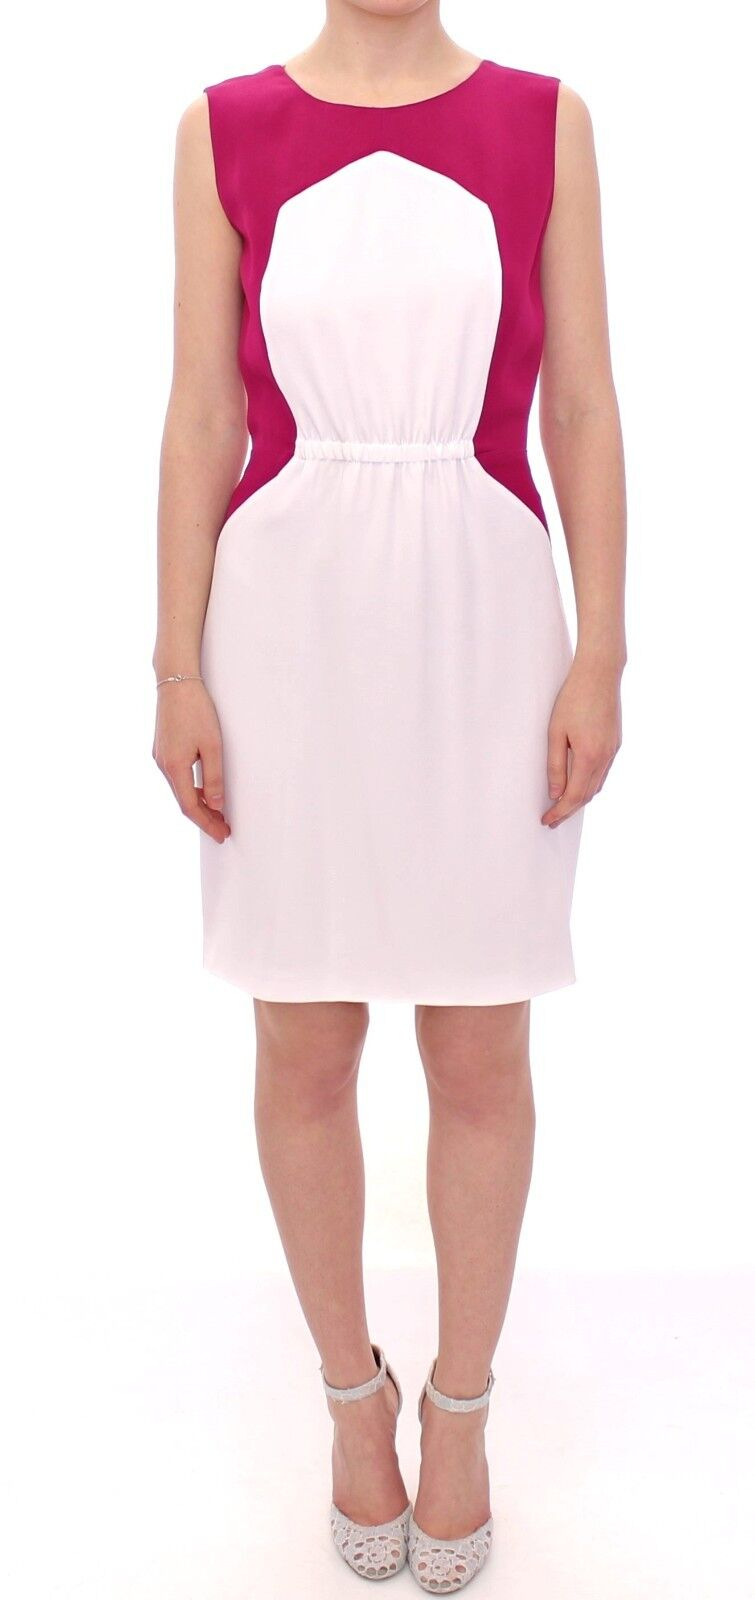 Neuf avec étiquettes COTE Blanc Rose Mini au-dessus du genou gaine droite robe IT44 US10 L